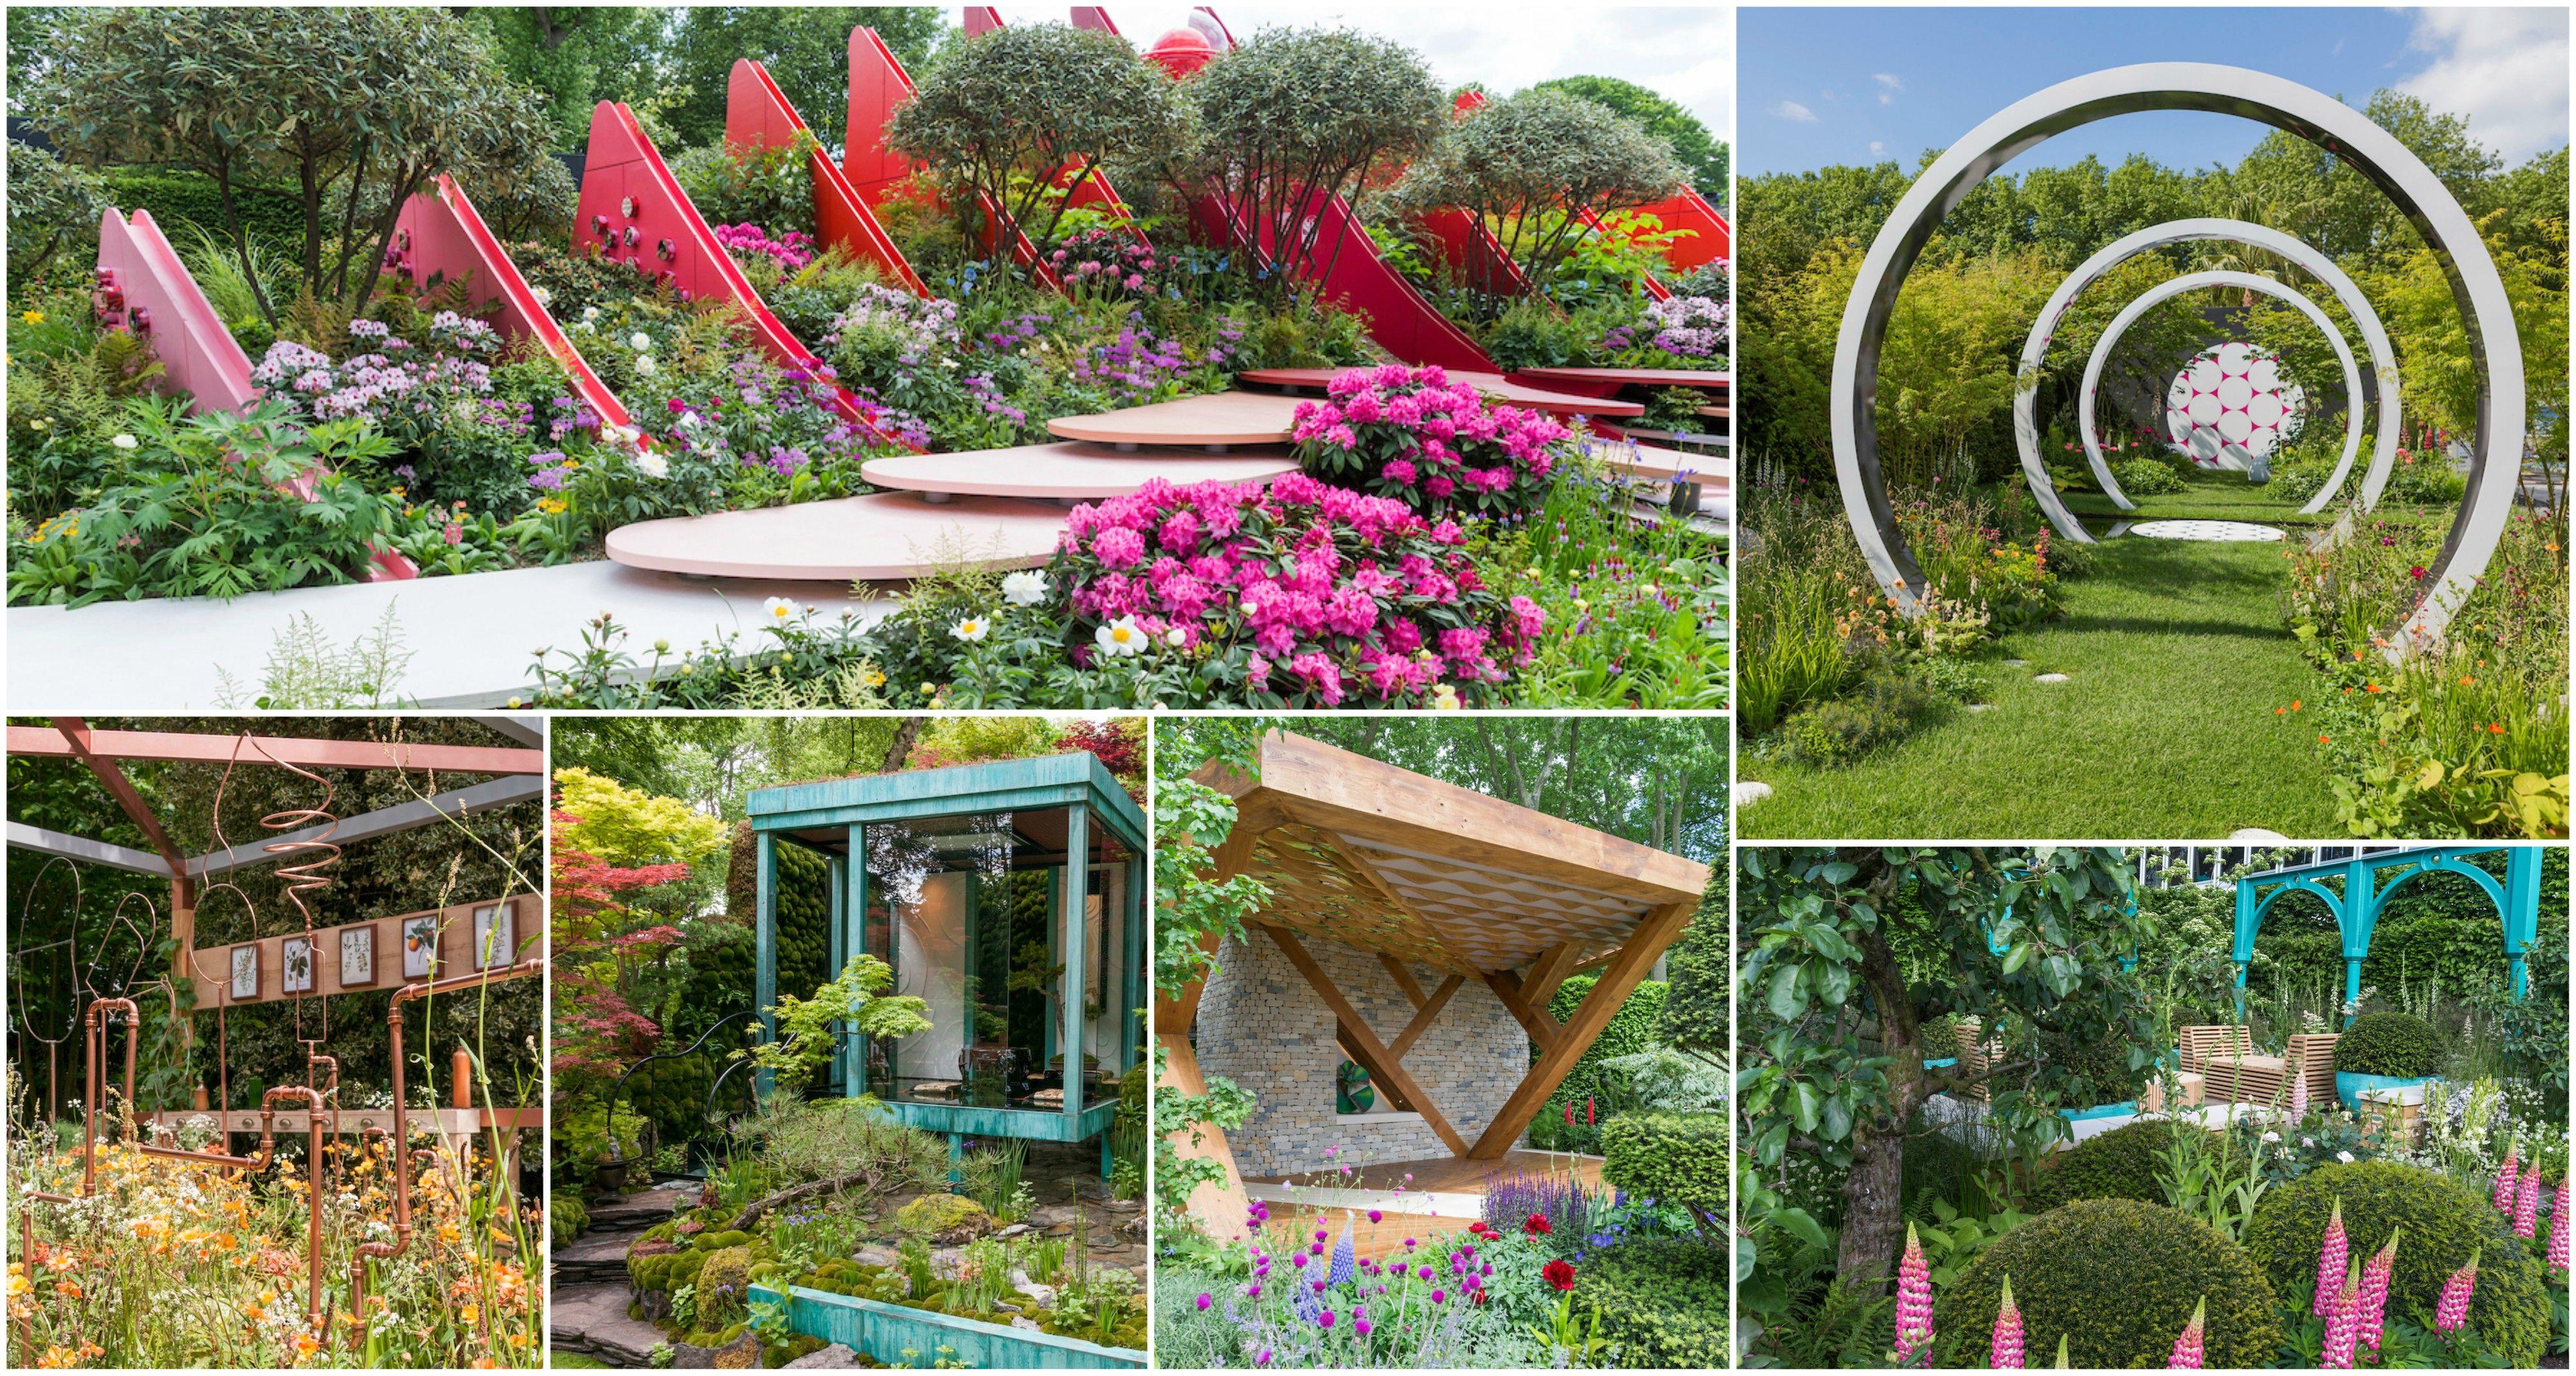 chelsea flower show 2017 medal winners: show garden, fresh garden